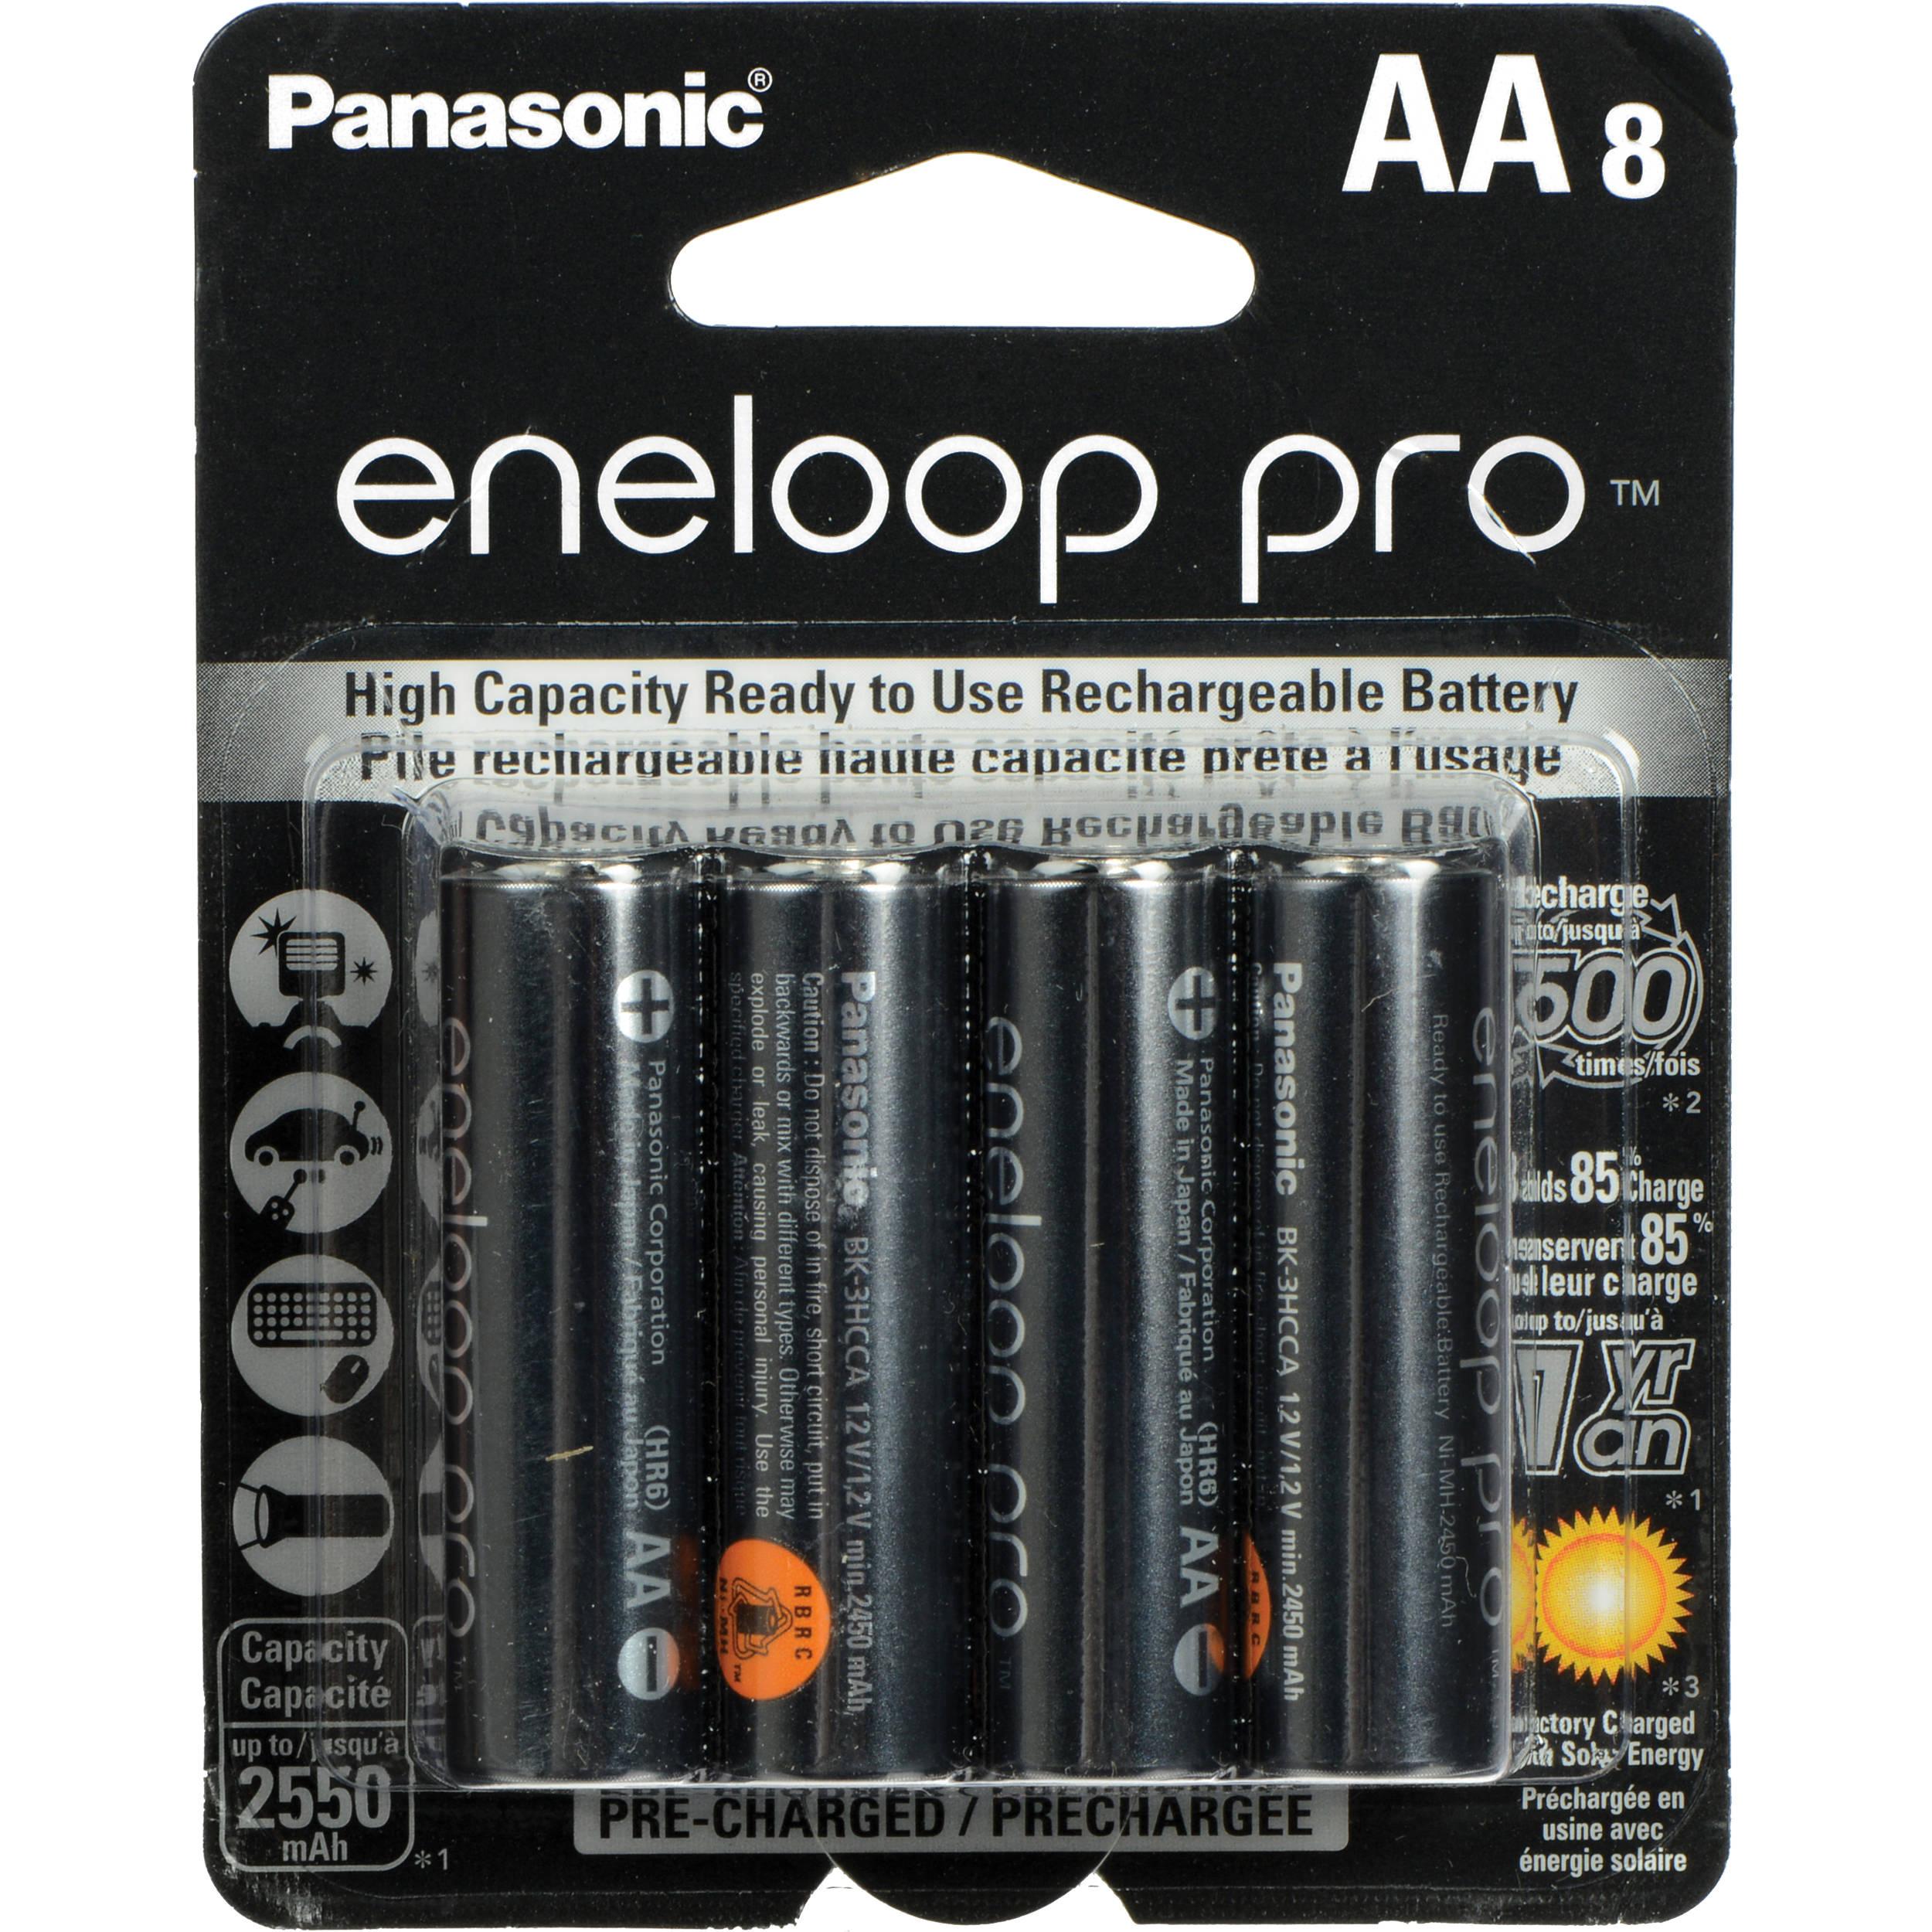 Panasonic eneloop pro AA Rechargeable NiMH Batteries